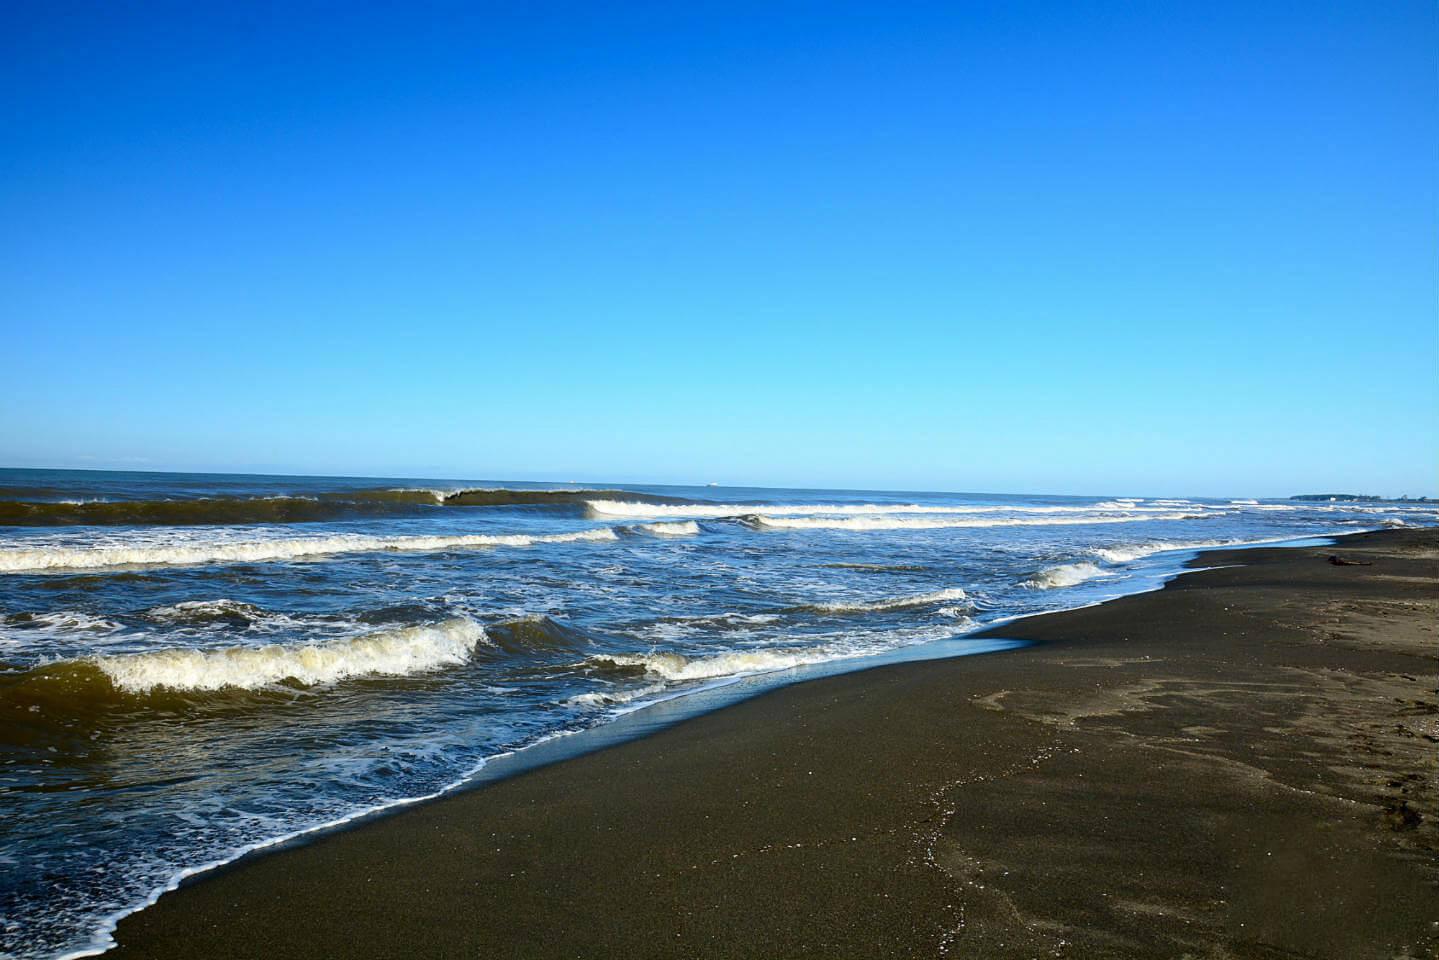 Пляж с необычным чёрным магнитным песком